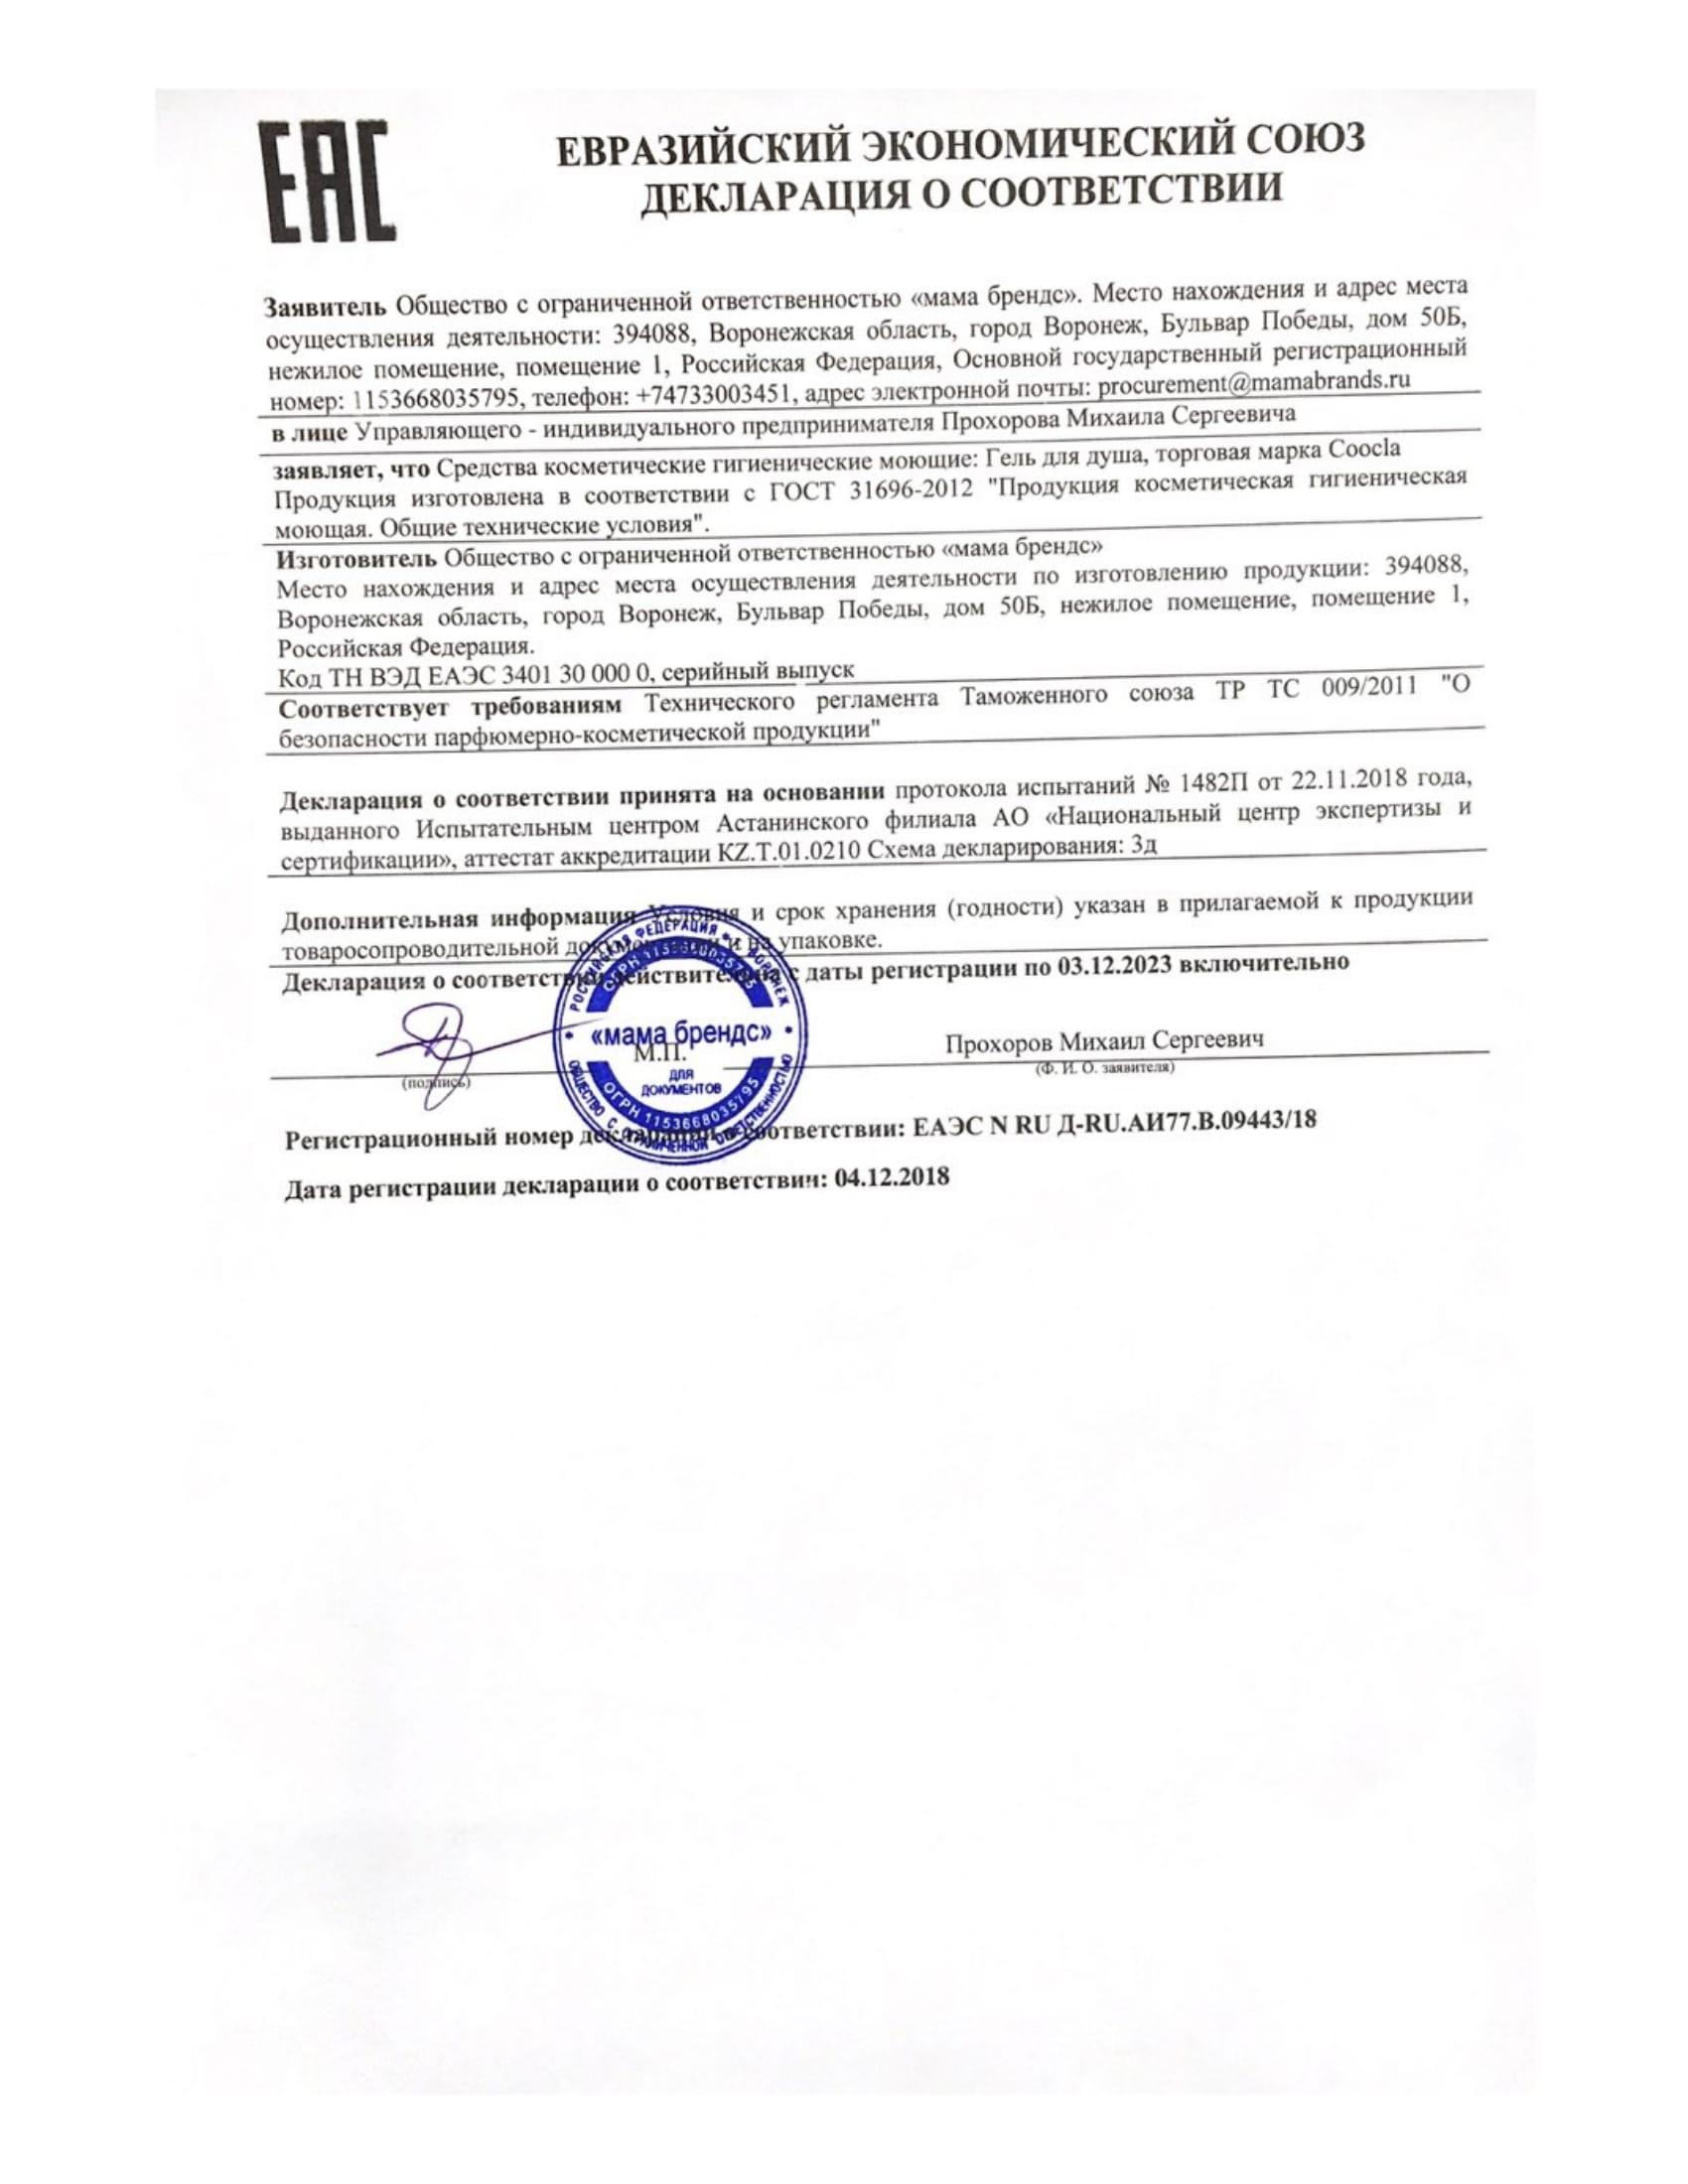 ЕАЭС N RU Д-RU.АИ77.В.09443-18-1